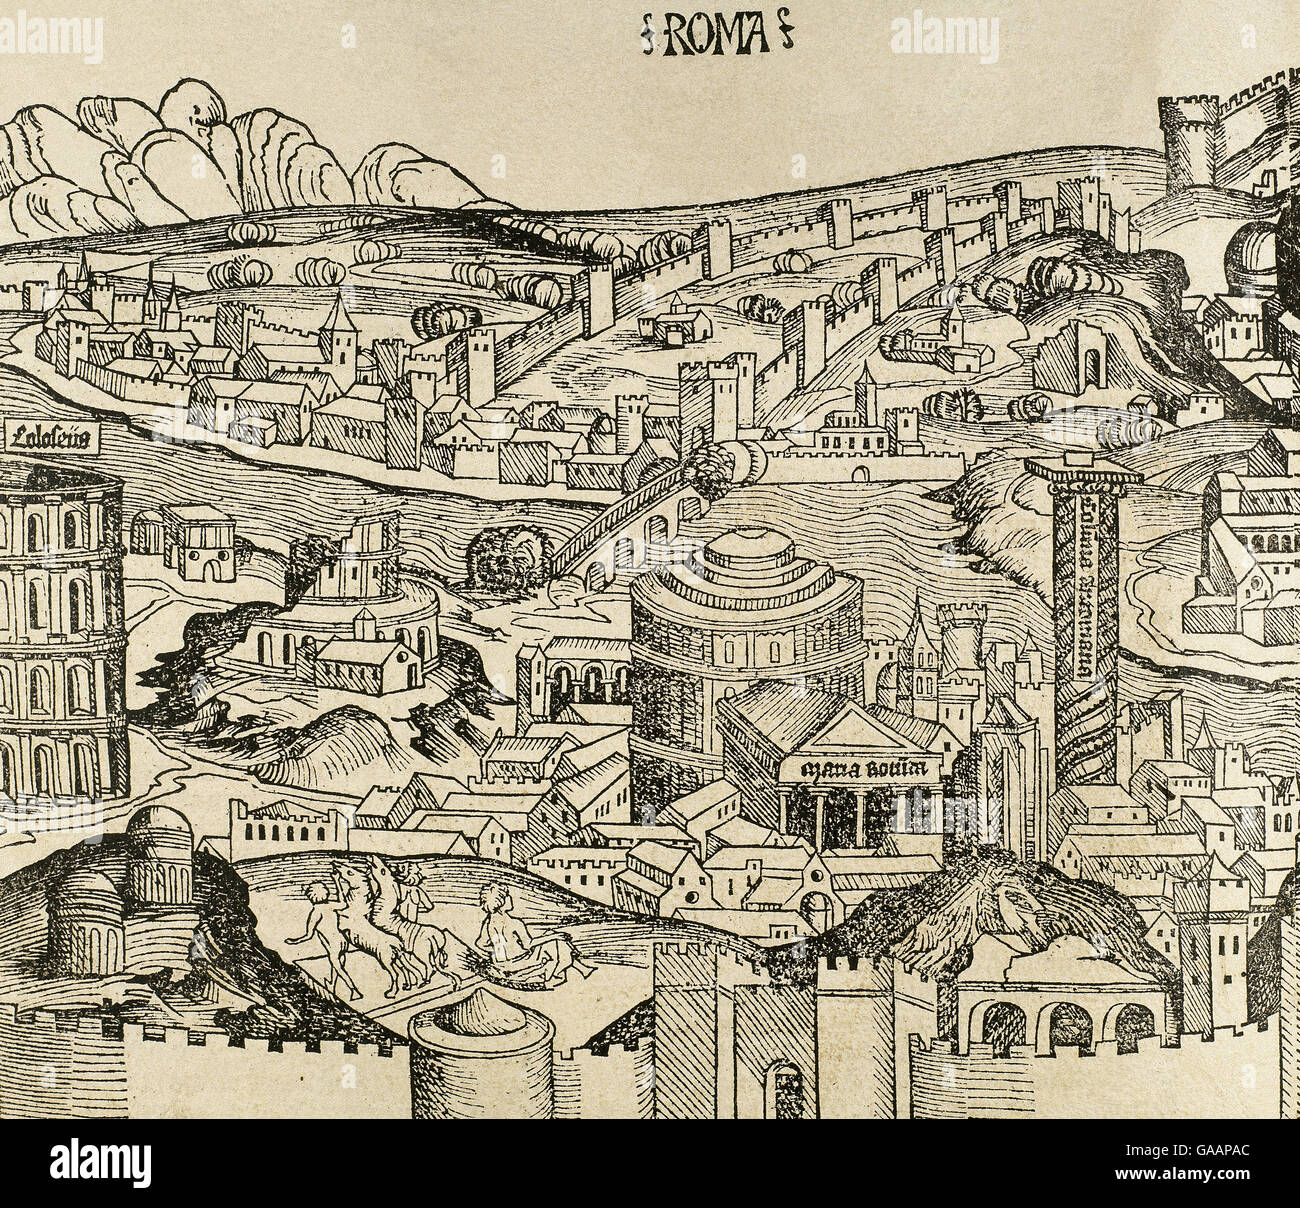 Italien. Rom. Die Stadt im 16. Jahrhundert. Gravur. Stockbild